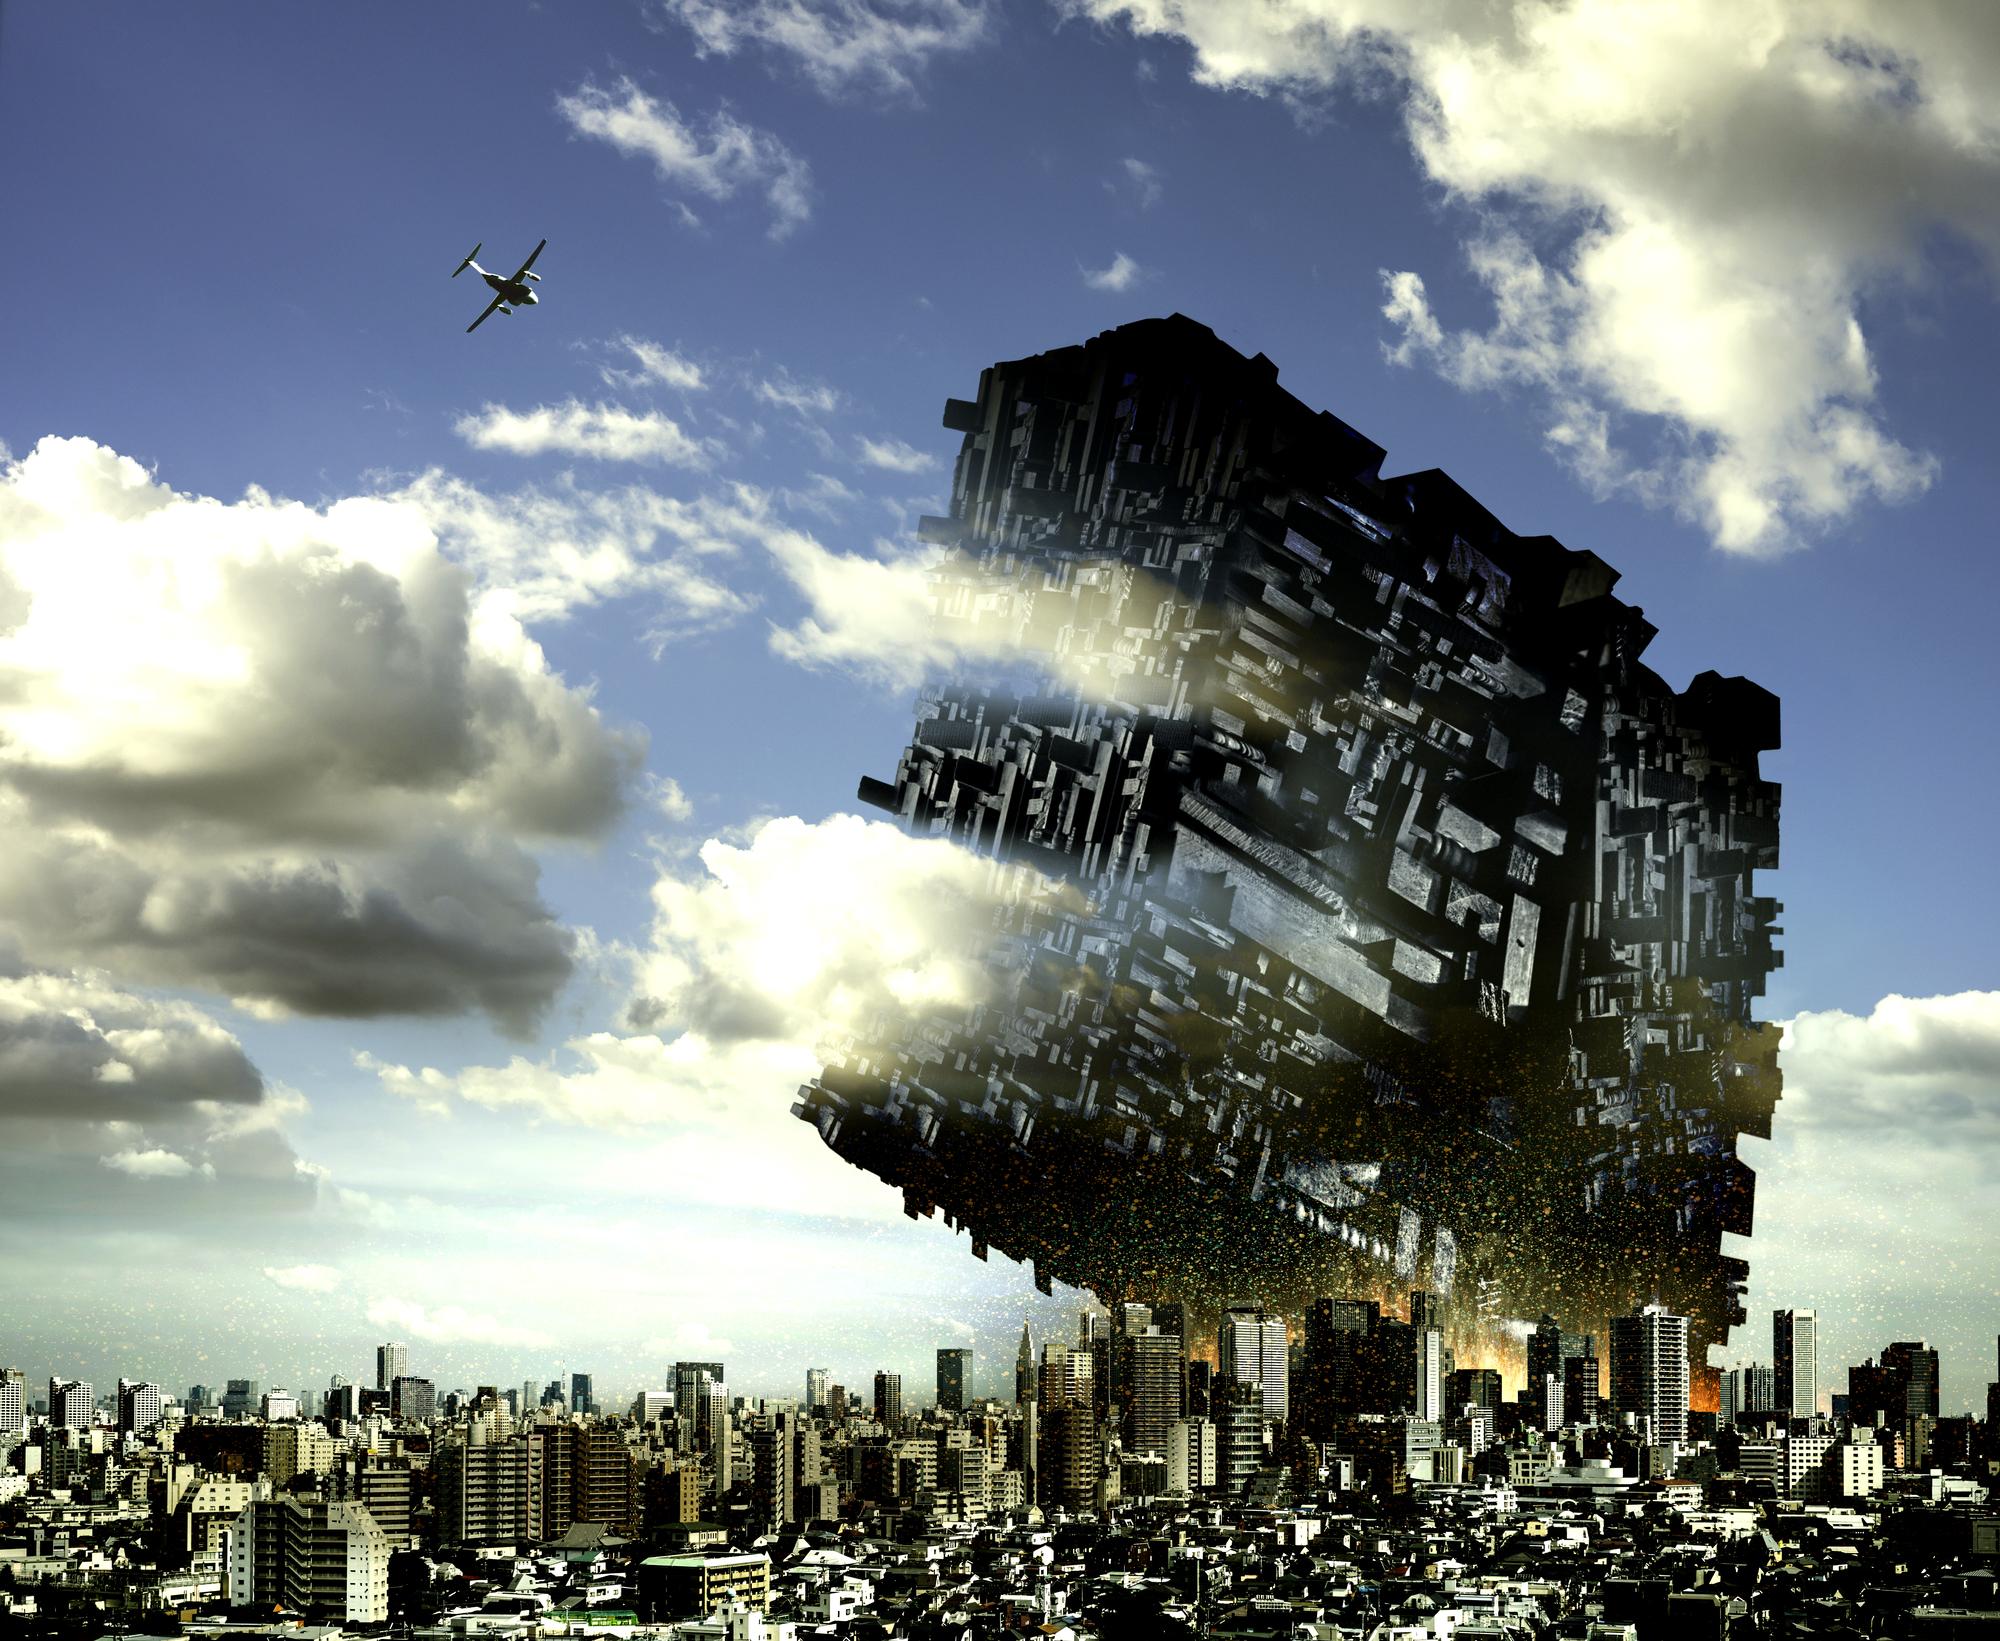 動じず準備して!!自然界の現象は神様がきめたこと人間は逆らえません。